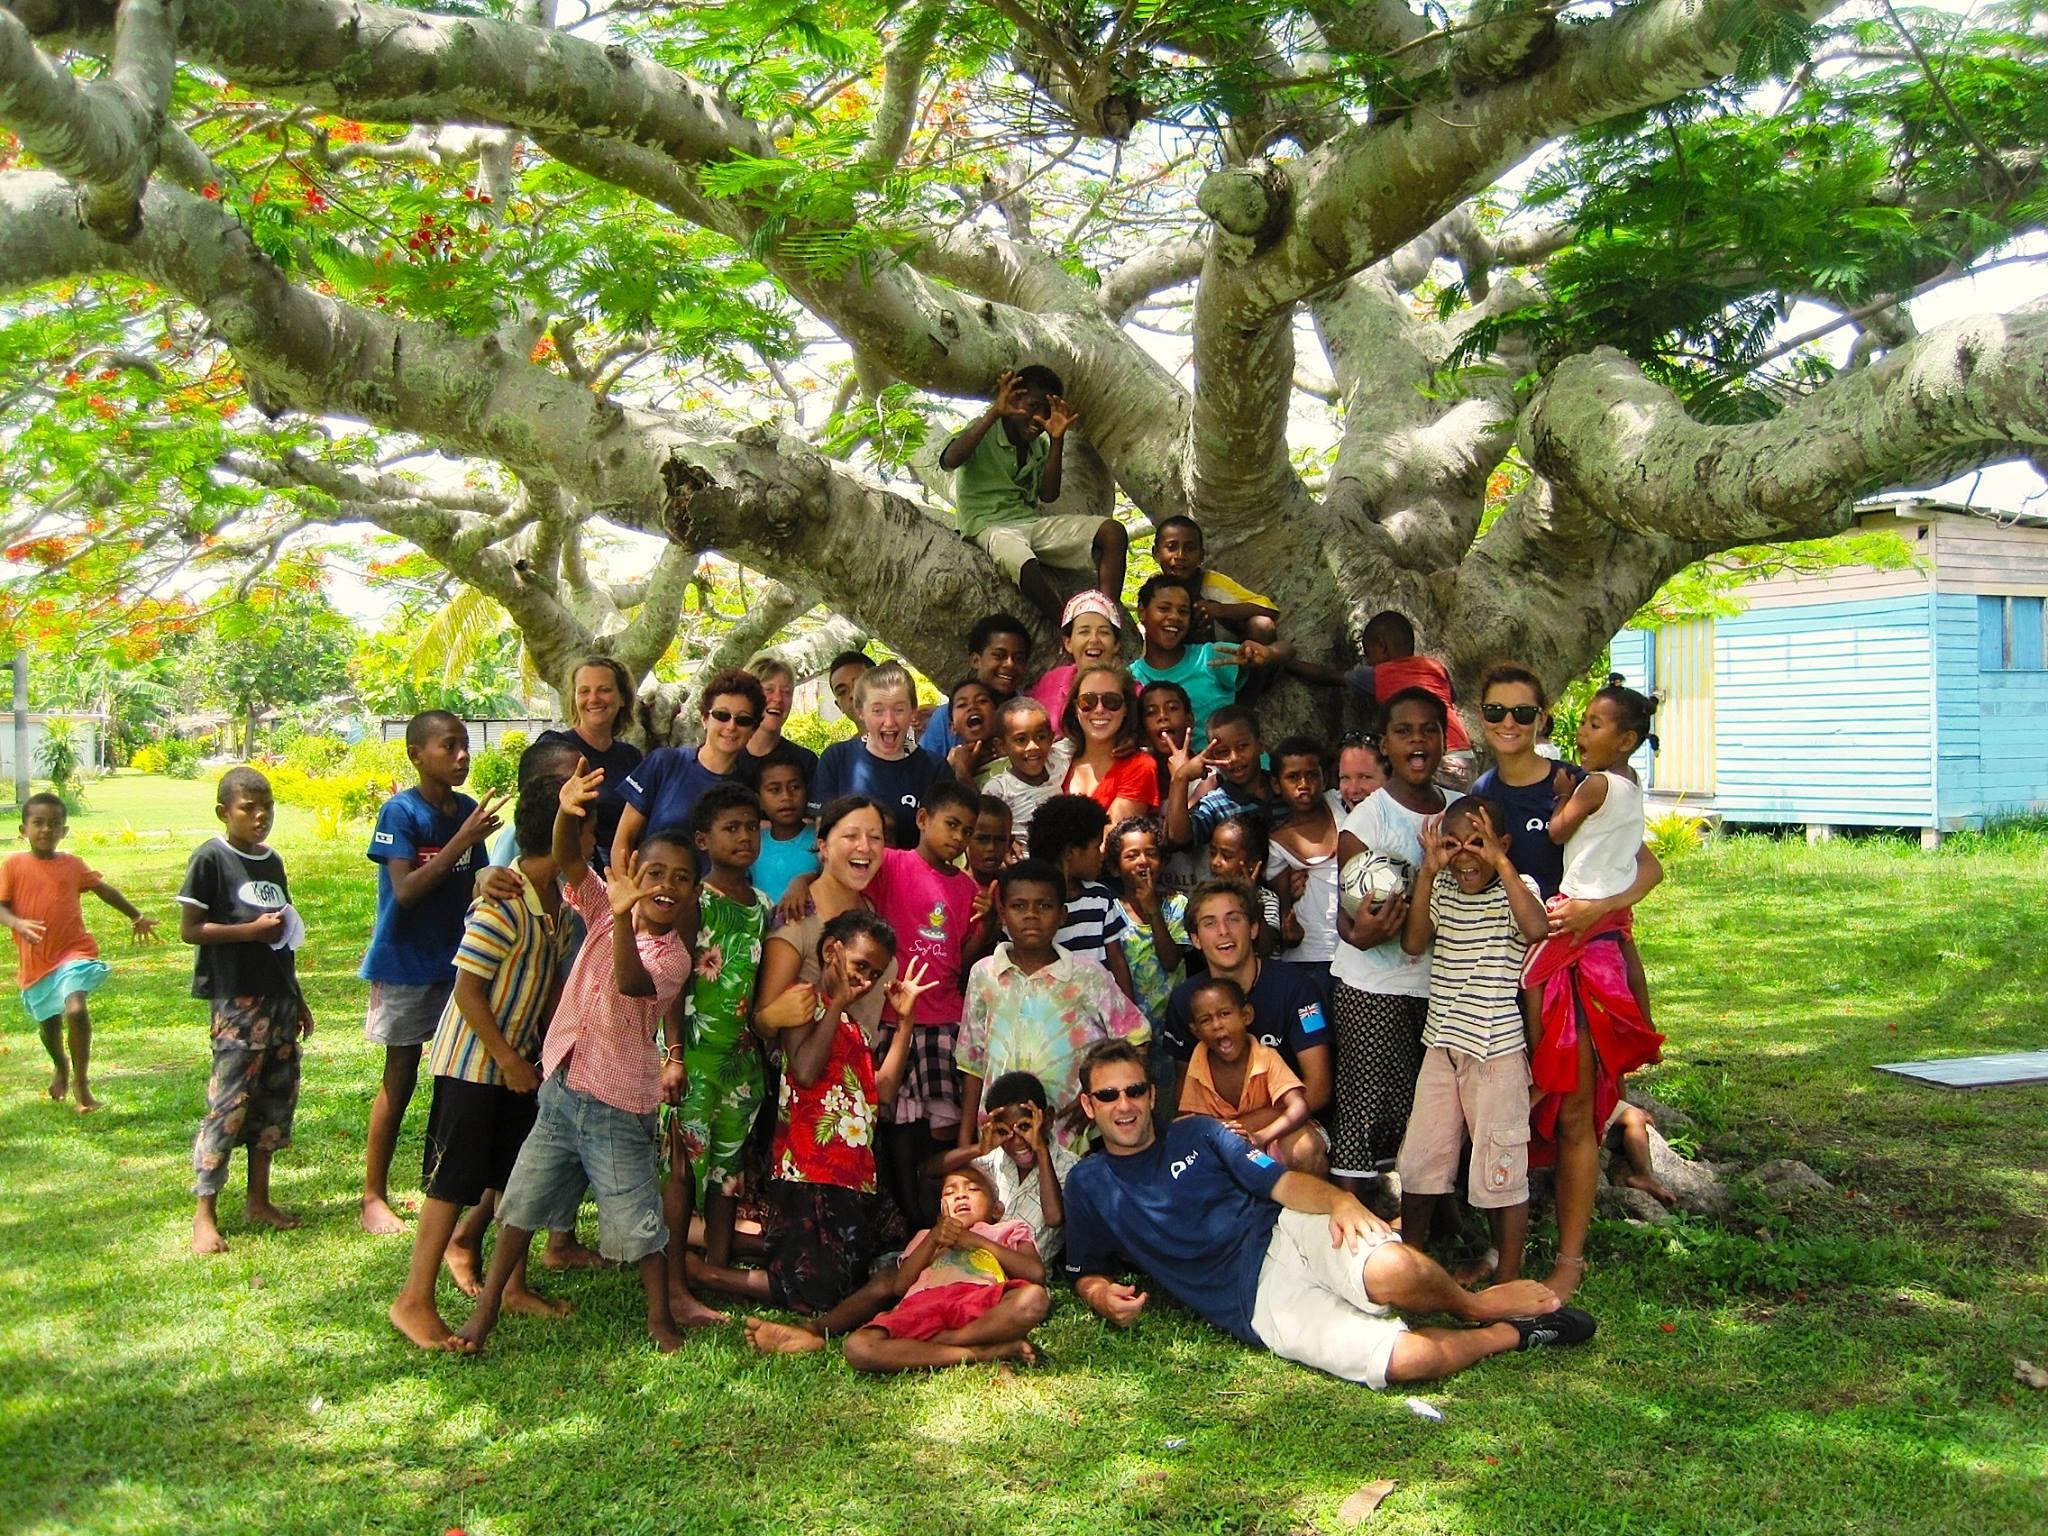 voluntariados y programas solidarios para grupos